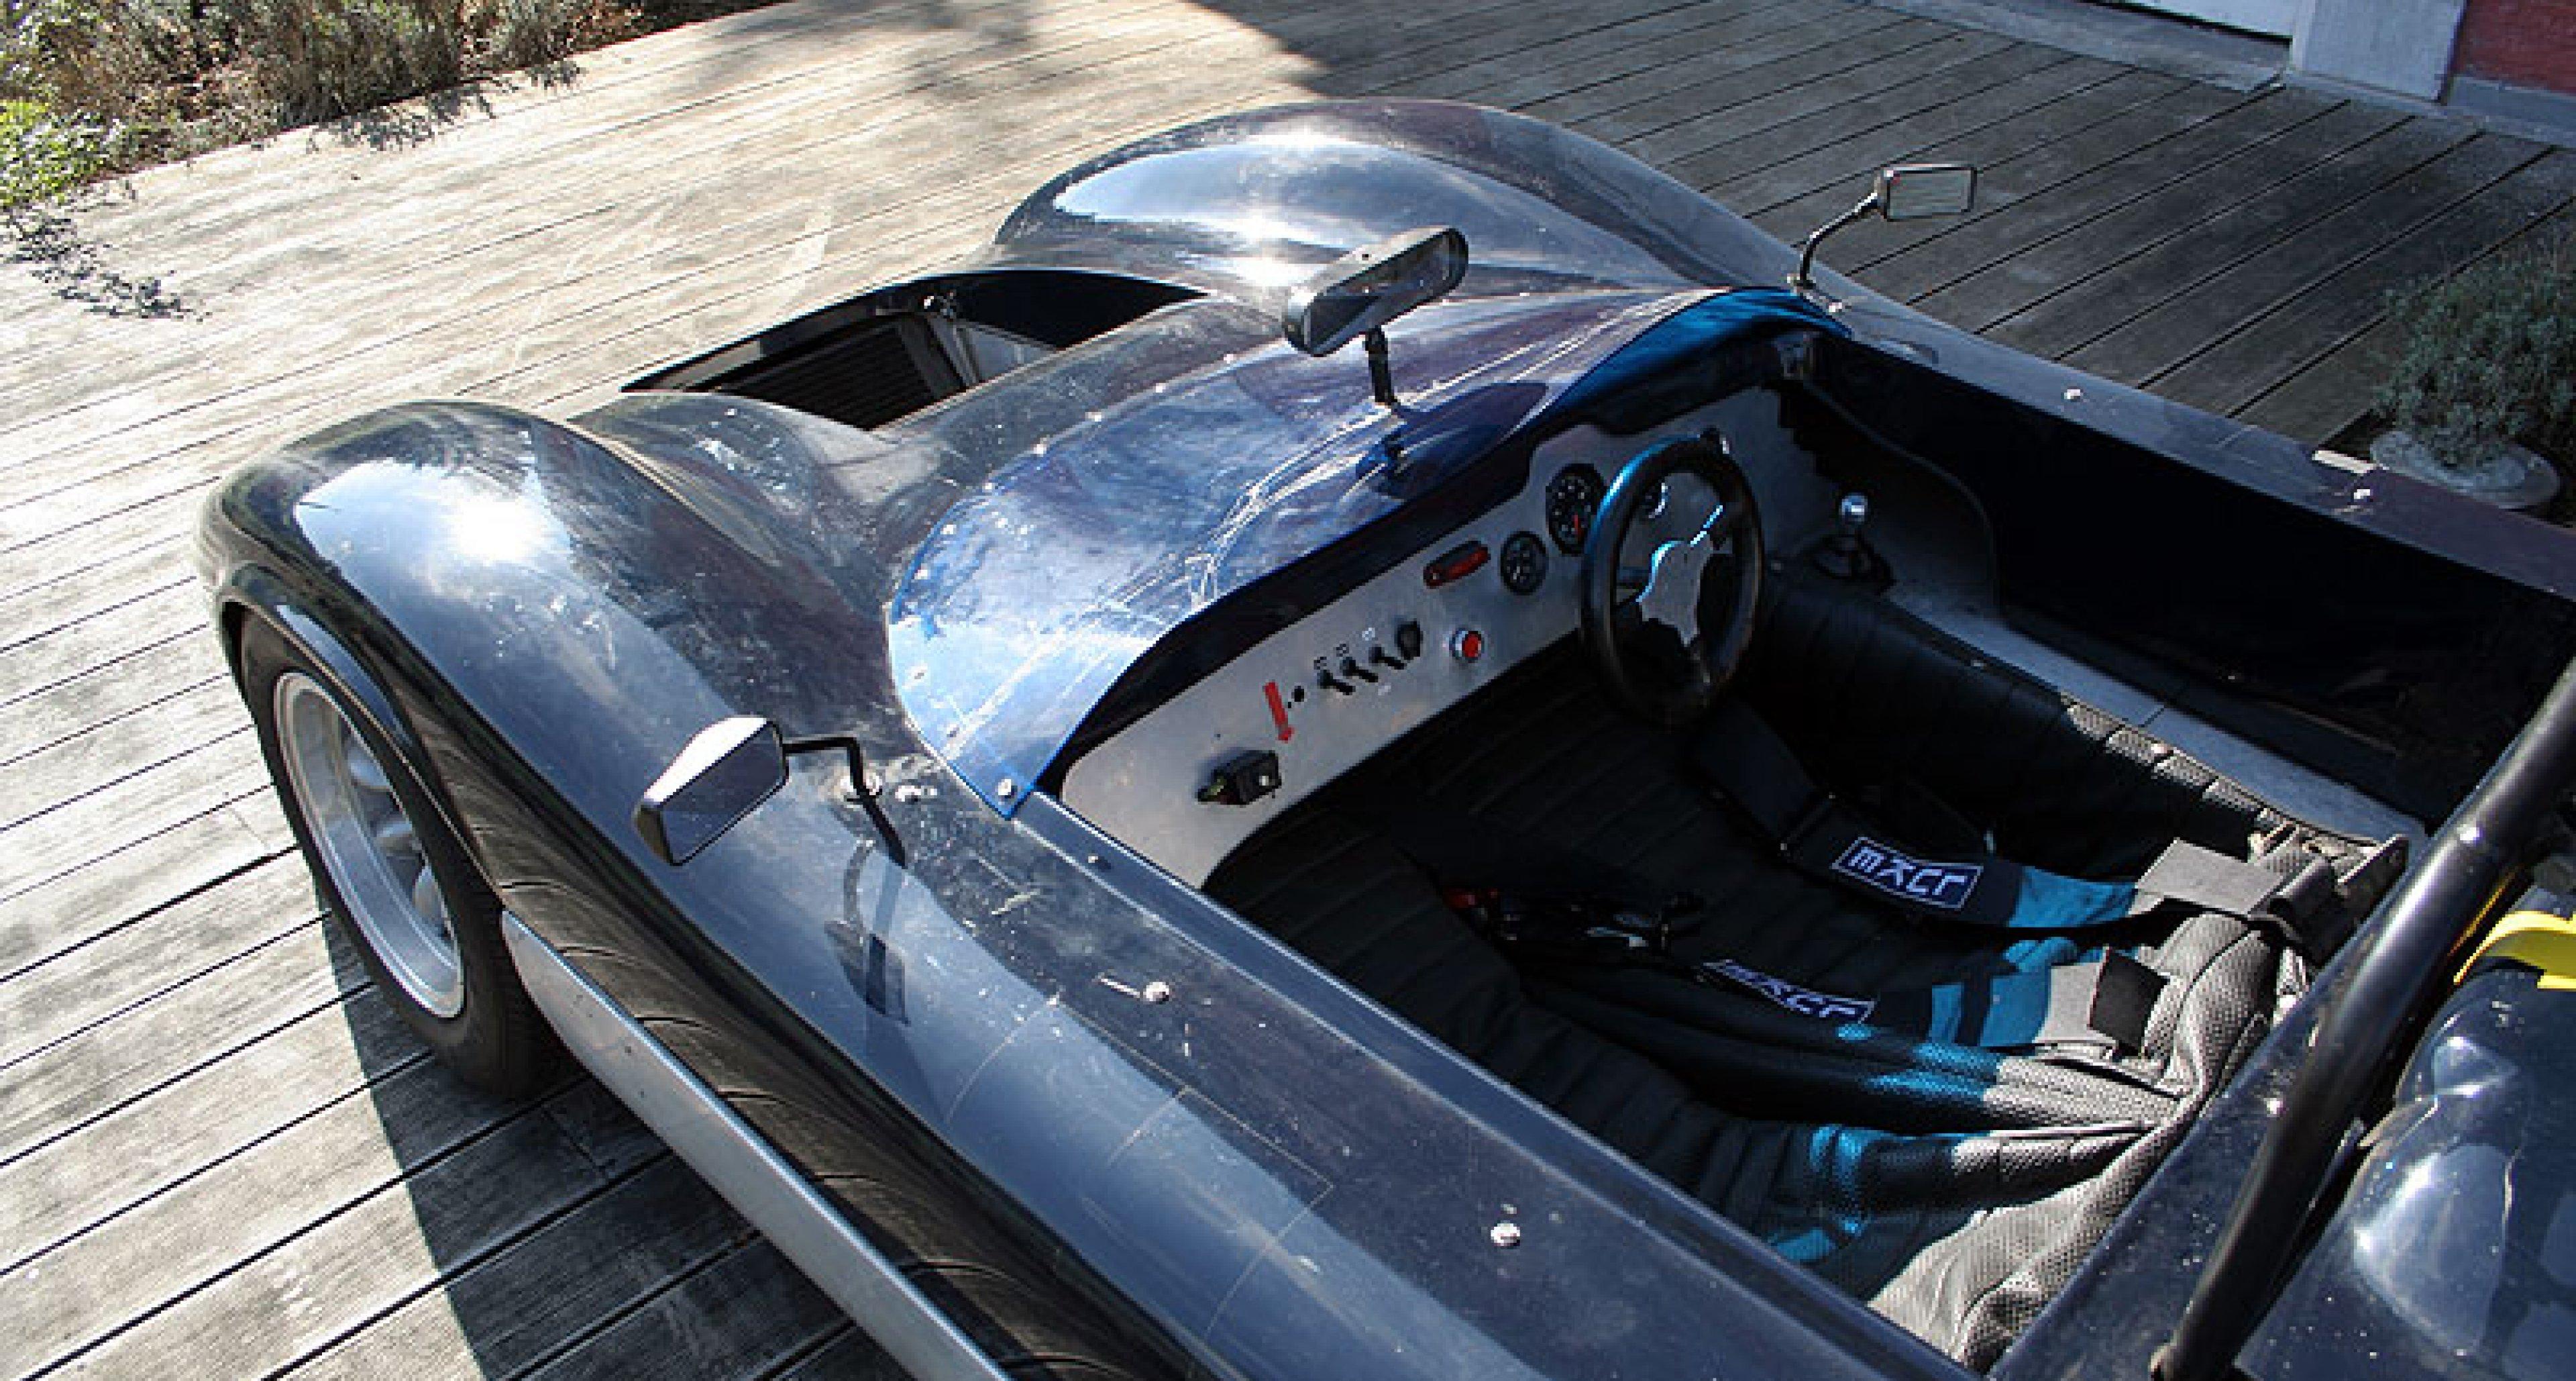 Nerus Silhouette F100 for sale